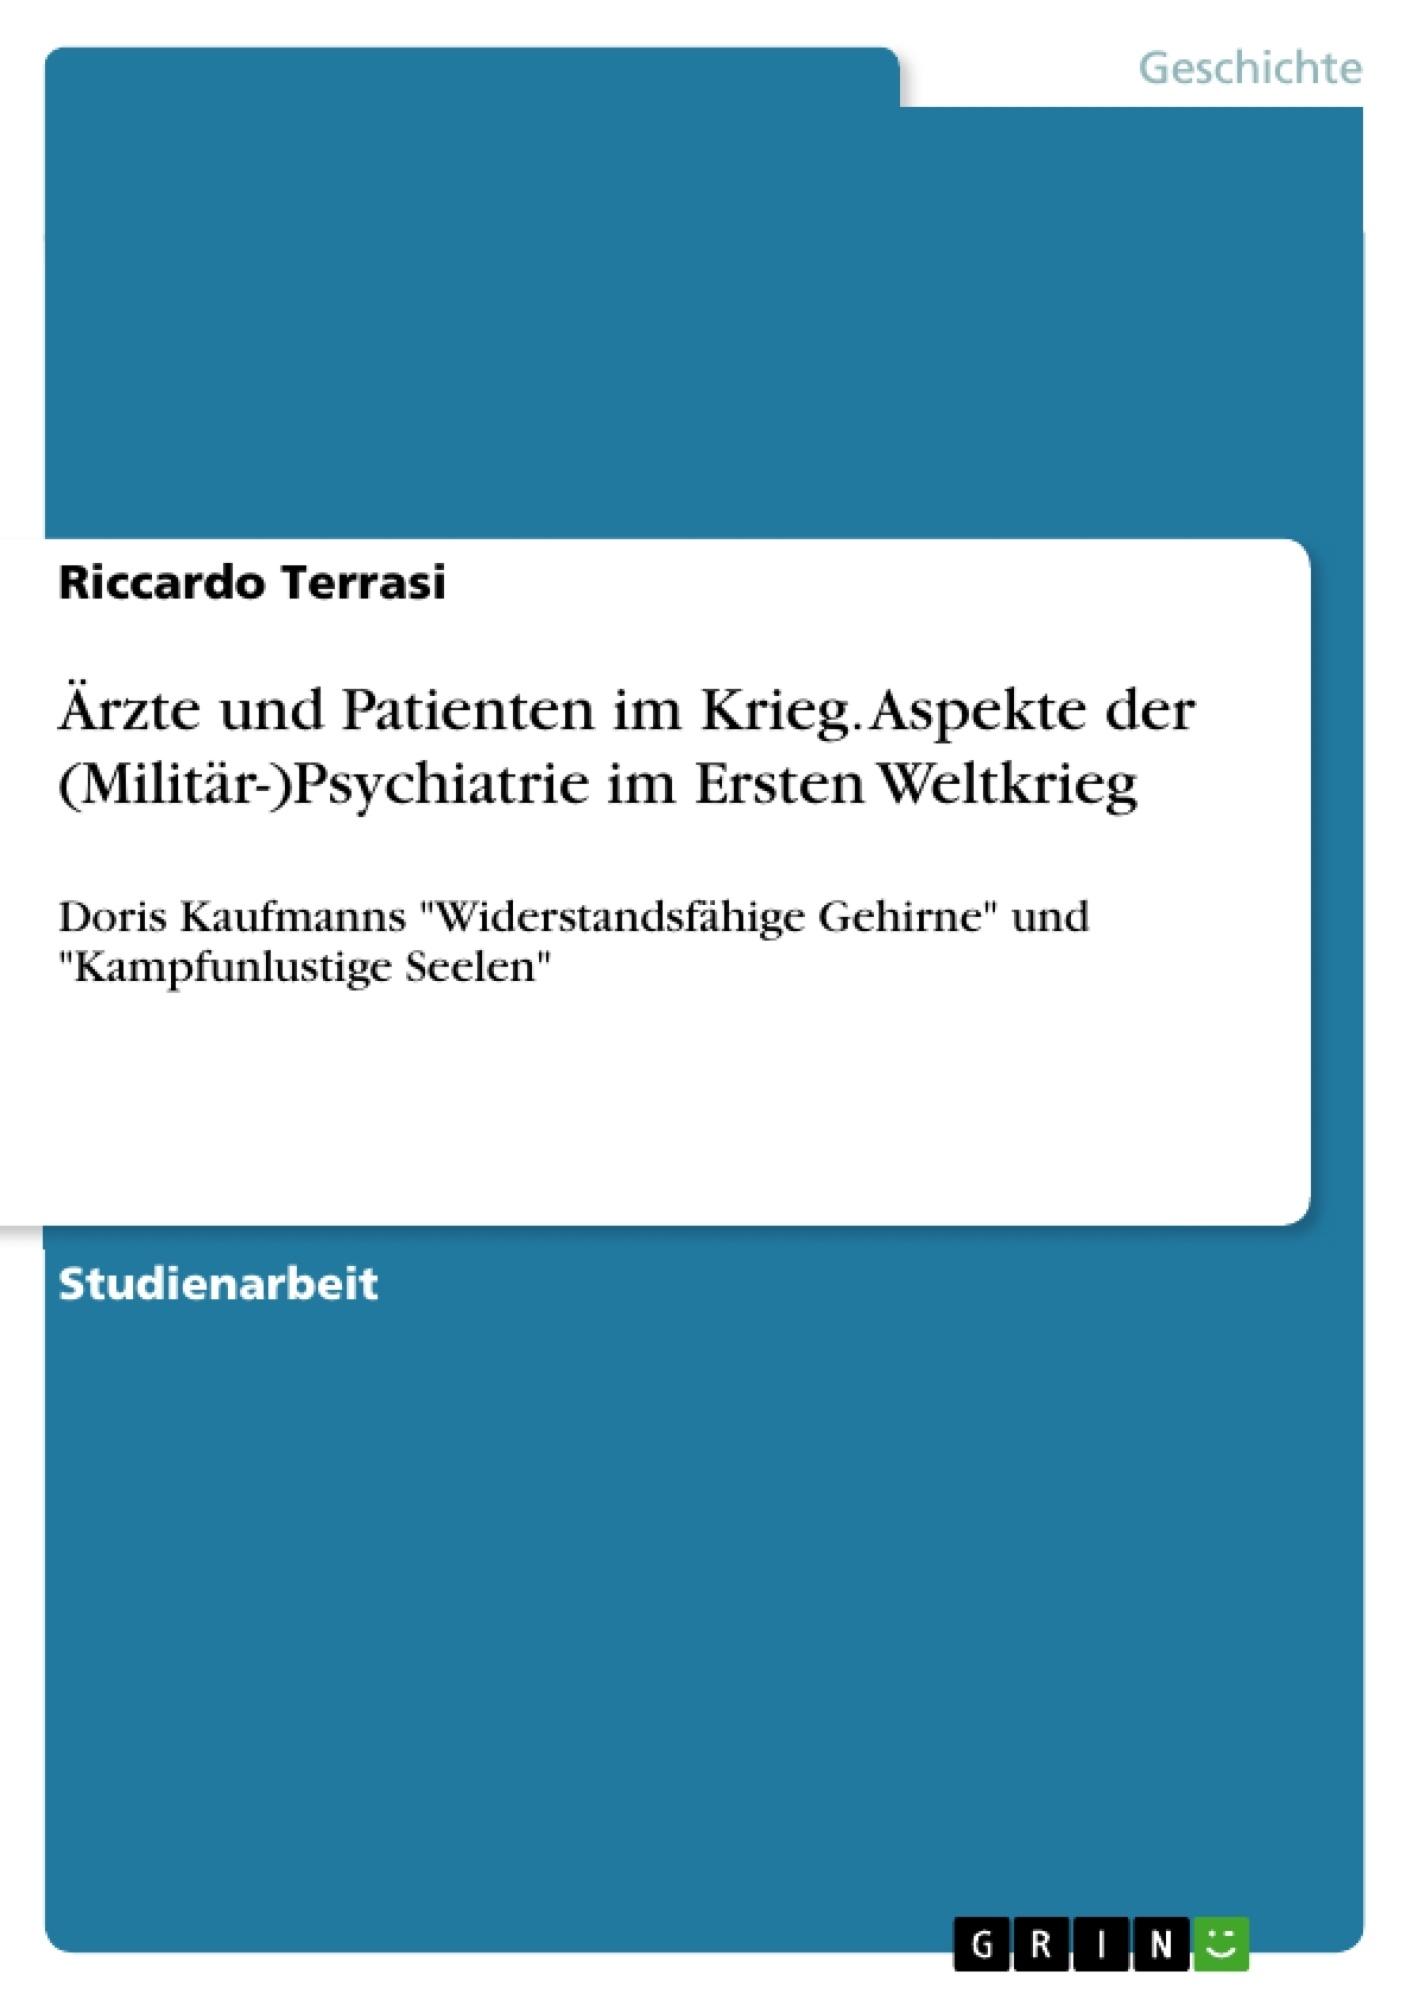 Titel: Ärzte und Patienten im Krieg. Aspekte der (Militär-)Psychiatrie im Ersten Weltkrieg